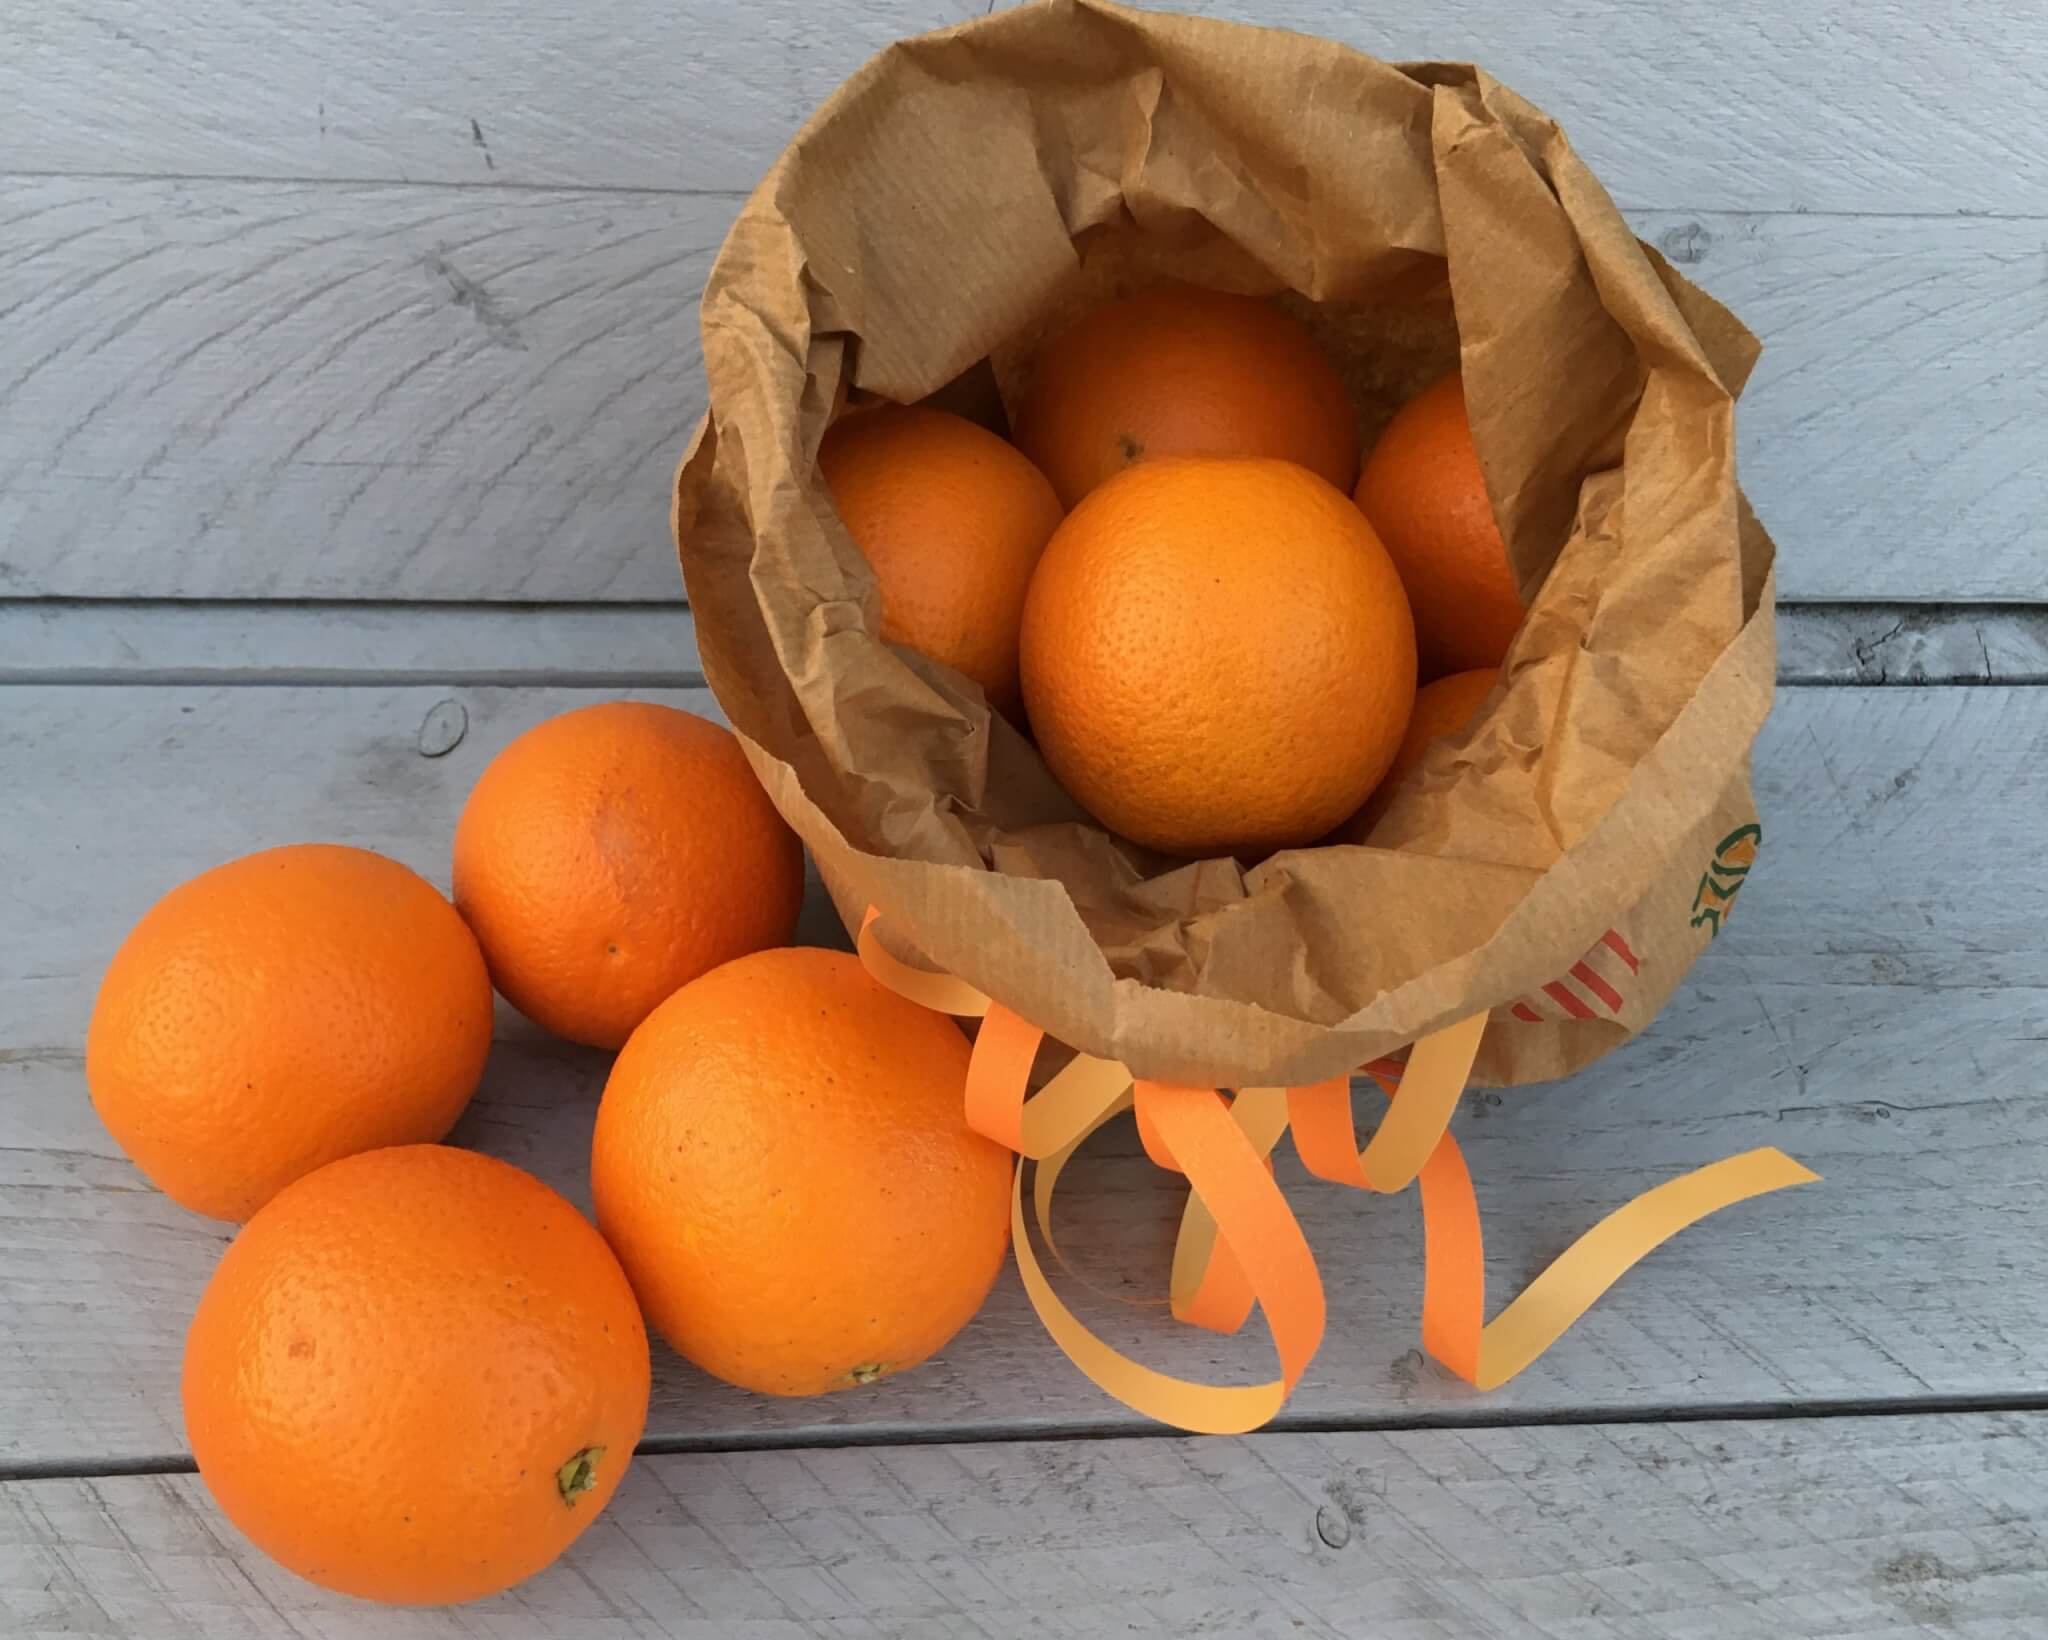 Fruitbedrijf Van den Berge: perssinaasappels